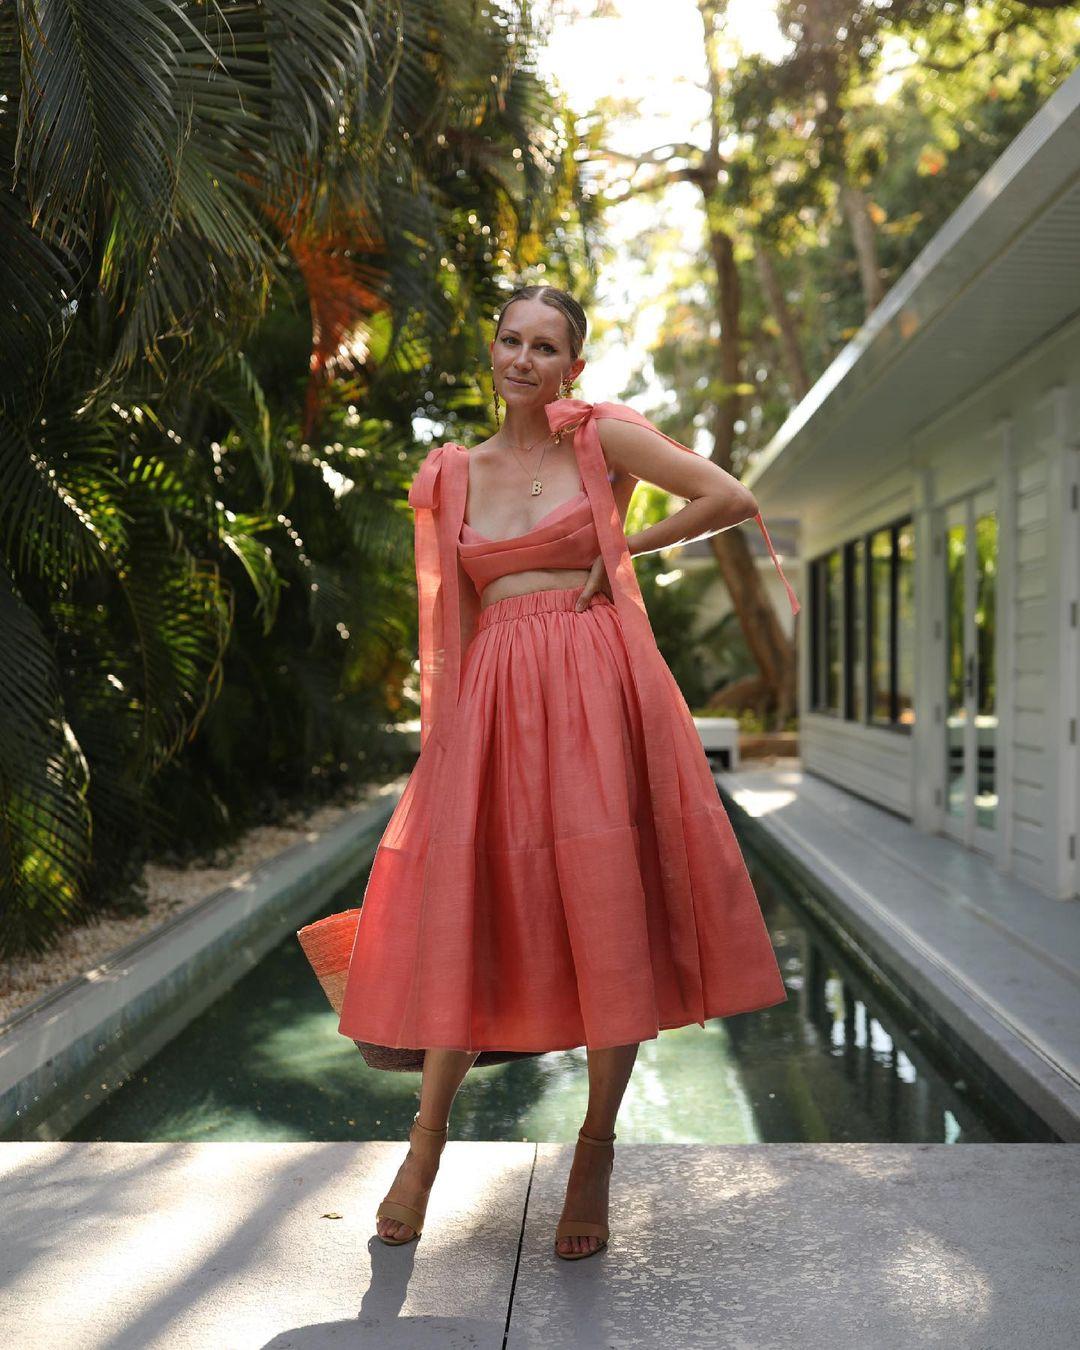 Blair Eadie wears the Botanica Tie Bustier and Midi Skirt